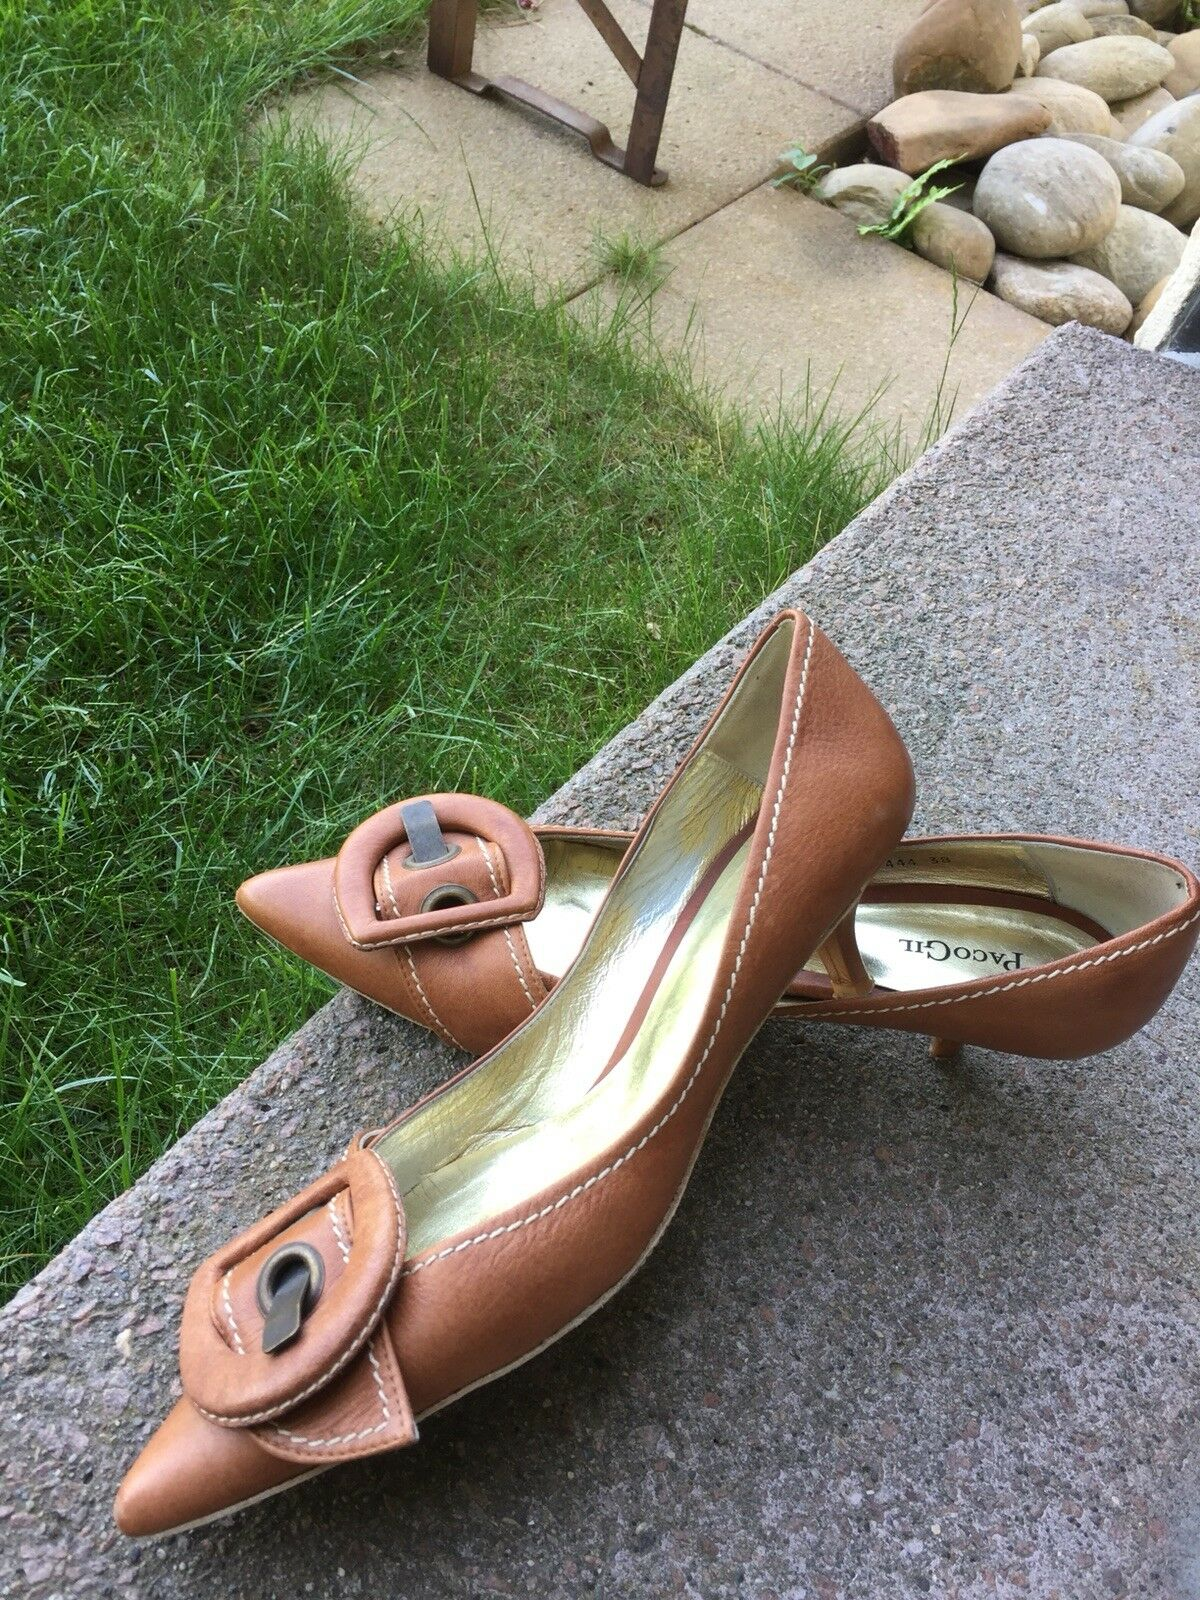 100% nuovo di zecca con qualità originale Paco Paco Paco Gil scarpe donna Taglia 40 COGNAC Top  migliore offerta